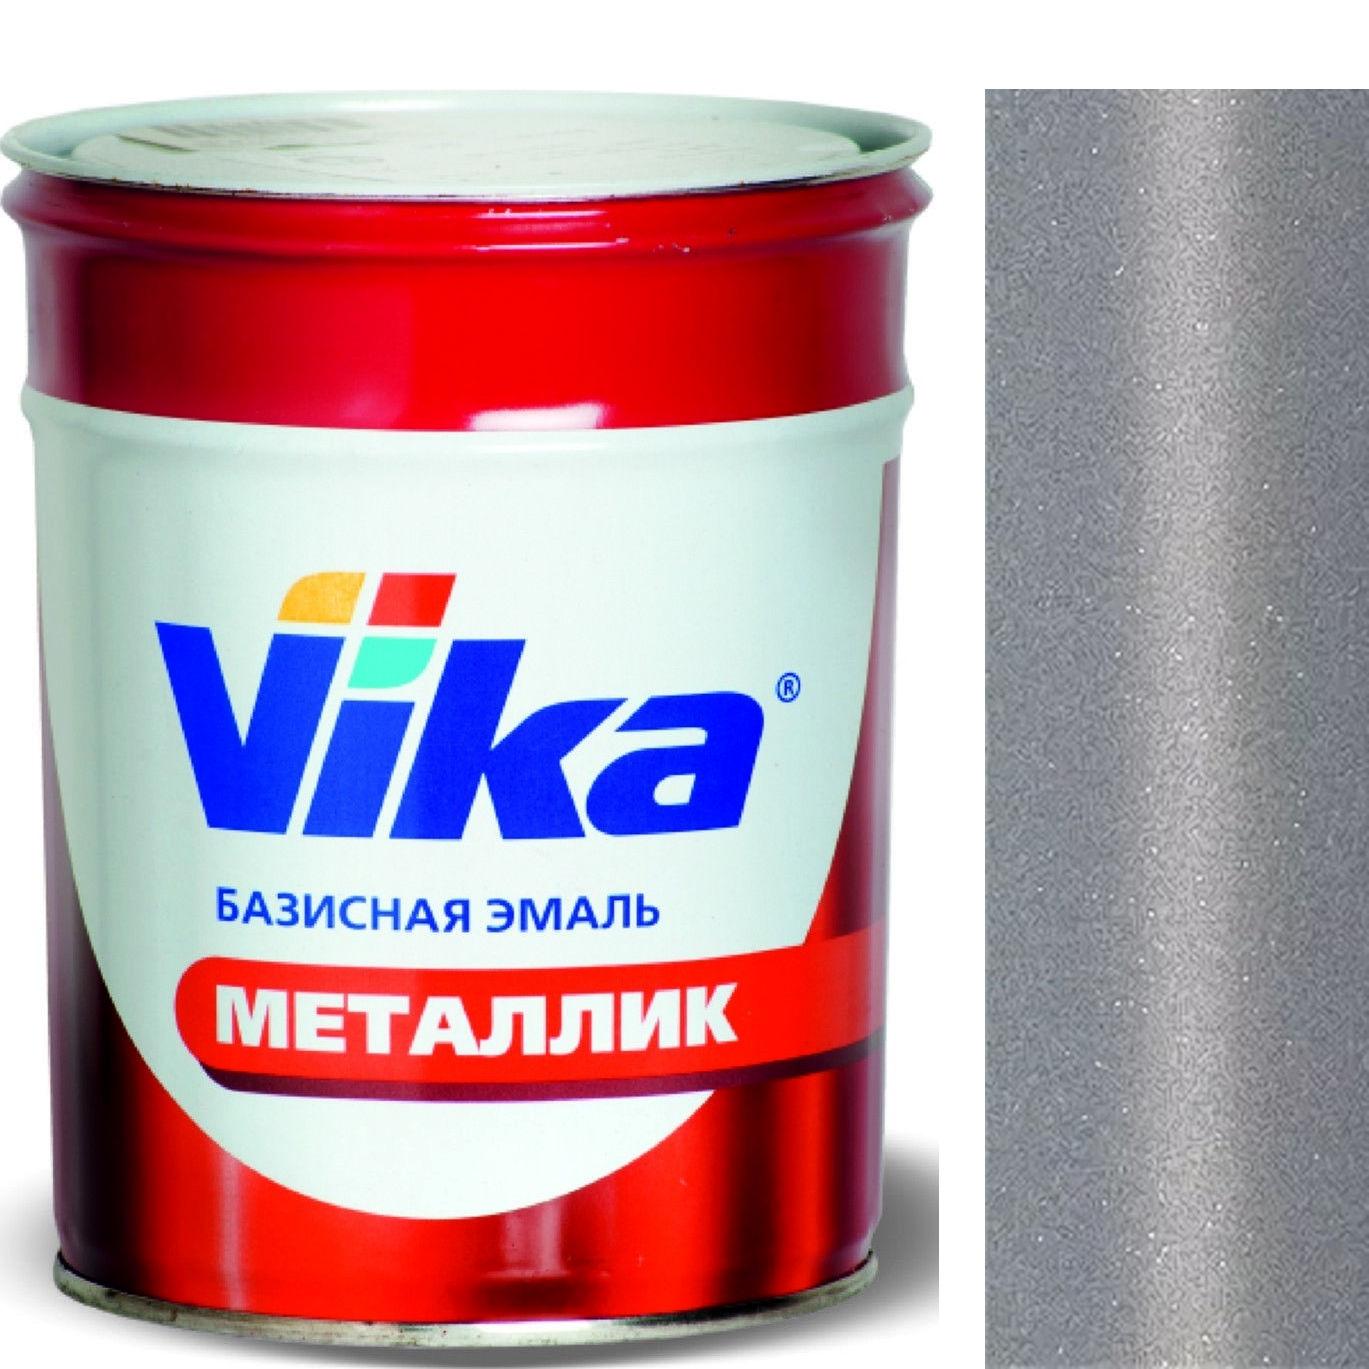 """Фото 11 - Автоэмаль """"Металлик"""" 137 Лава, профессиональная базовая, - 0,9 кг."""